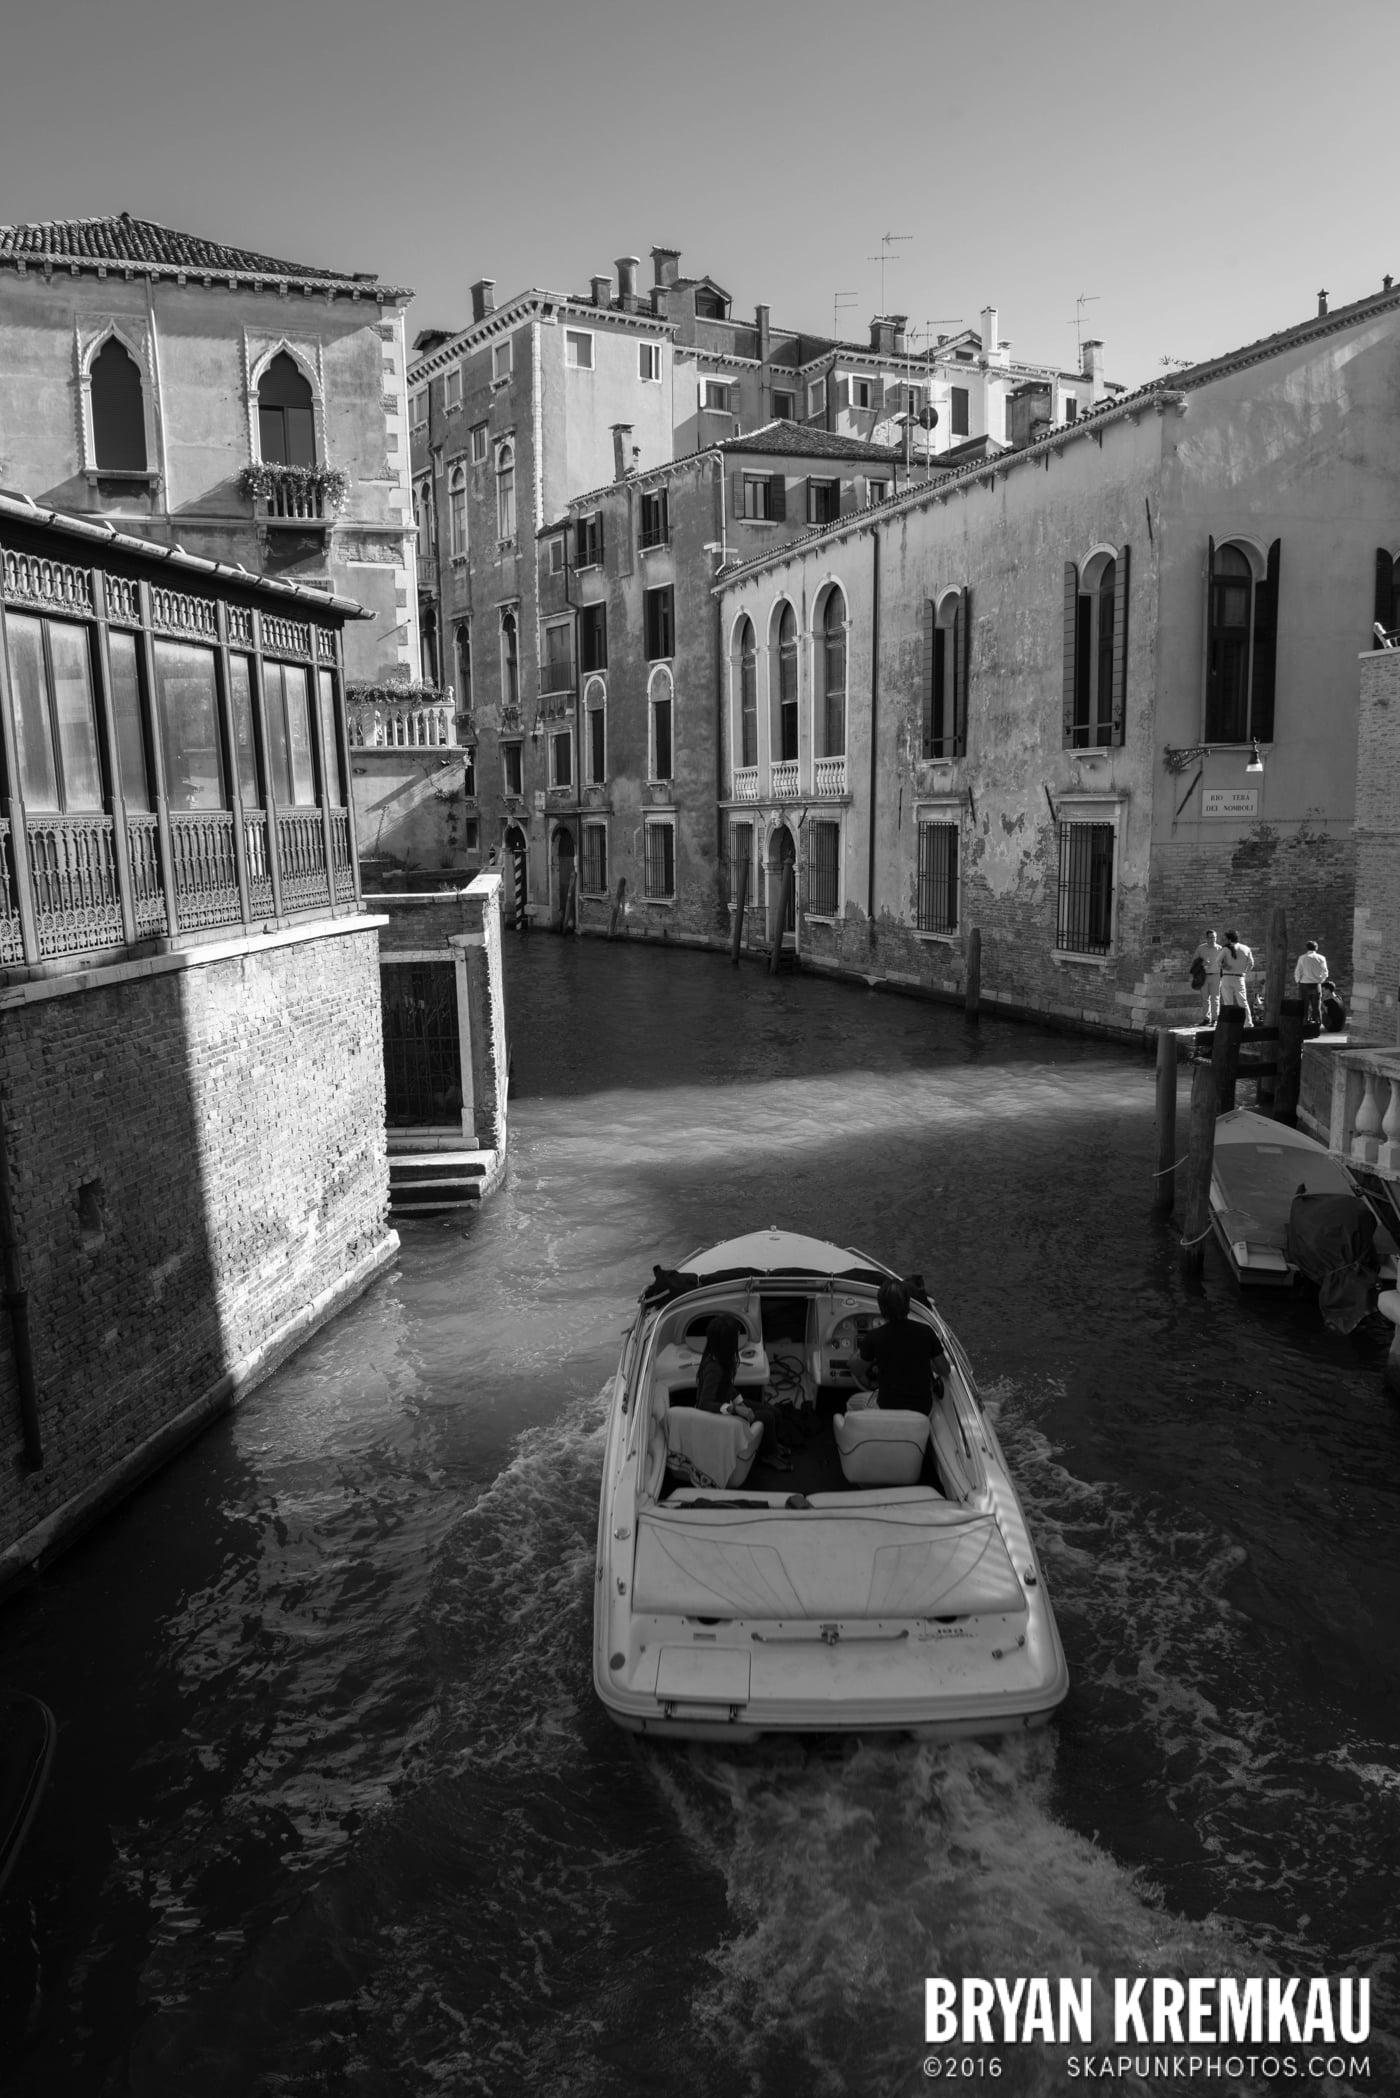 Italy Vacation - Day 4: Venice - 9.12.13 (43)